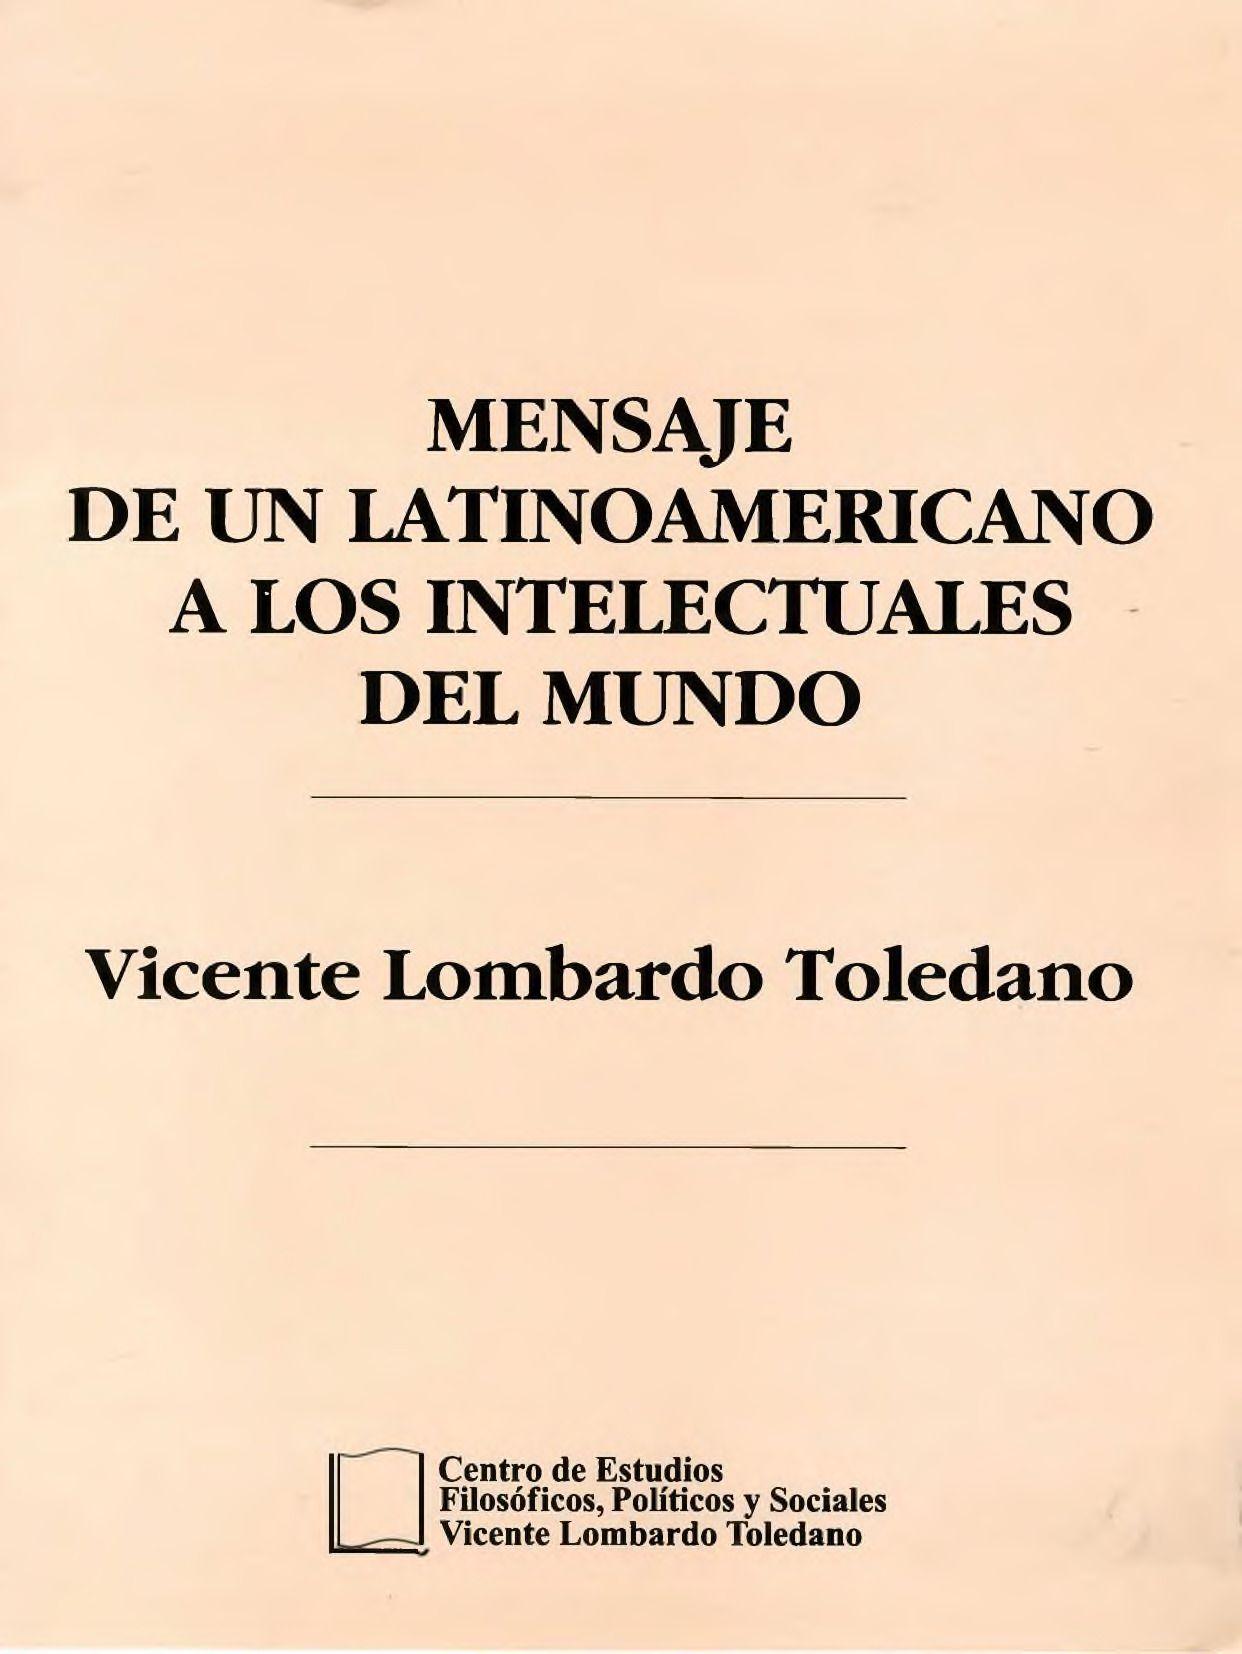 Portada del libro: MENSAJE DE UN LATINOAMERICANO A LOS INTELECTUALES DE MUNDO